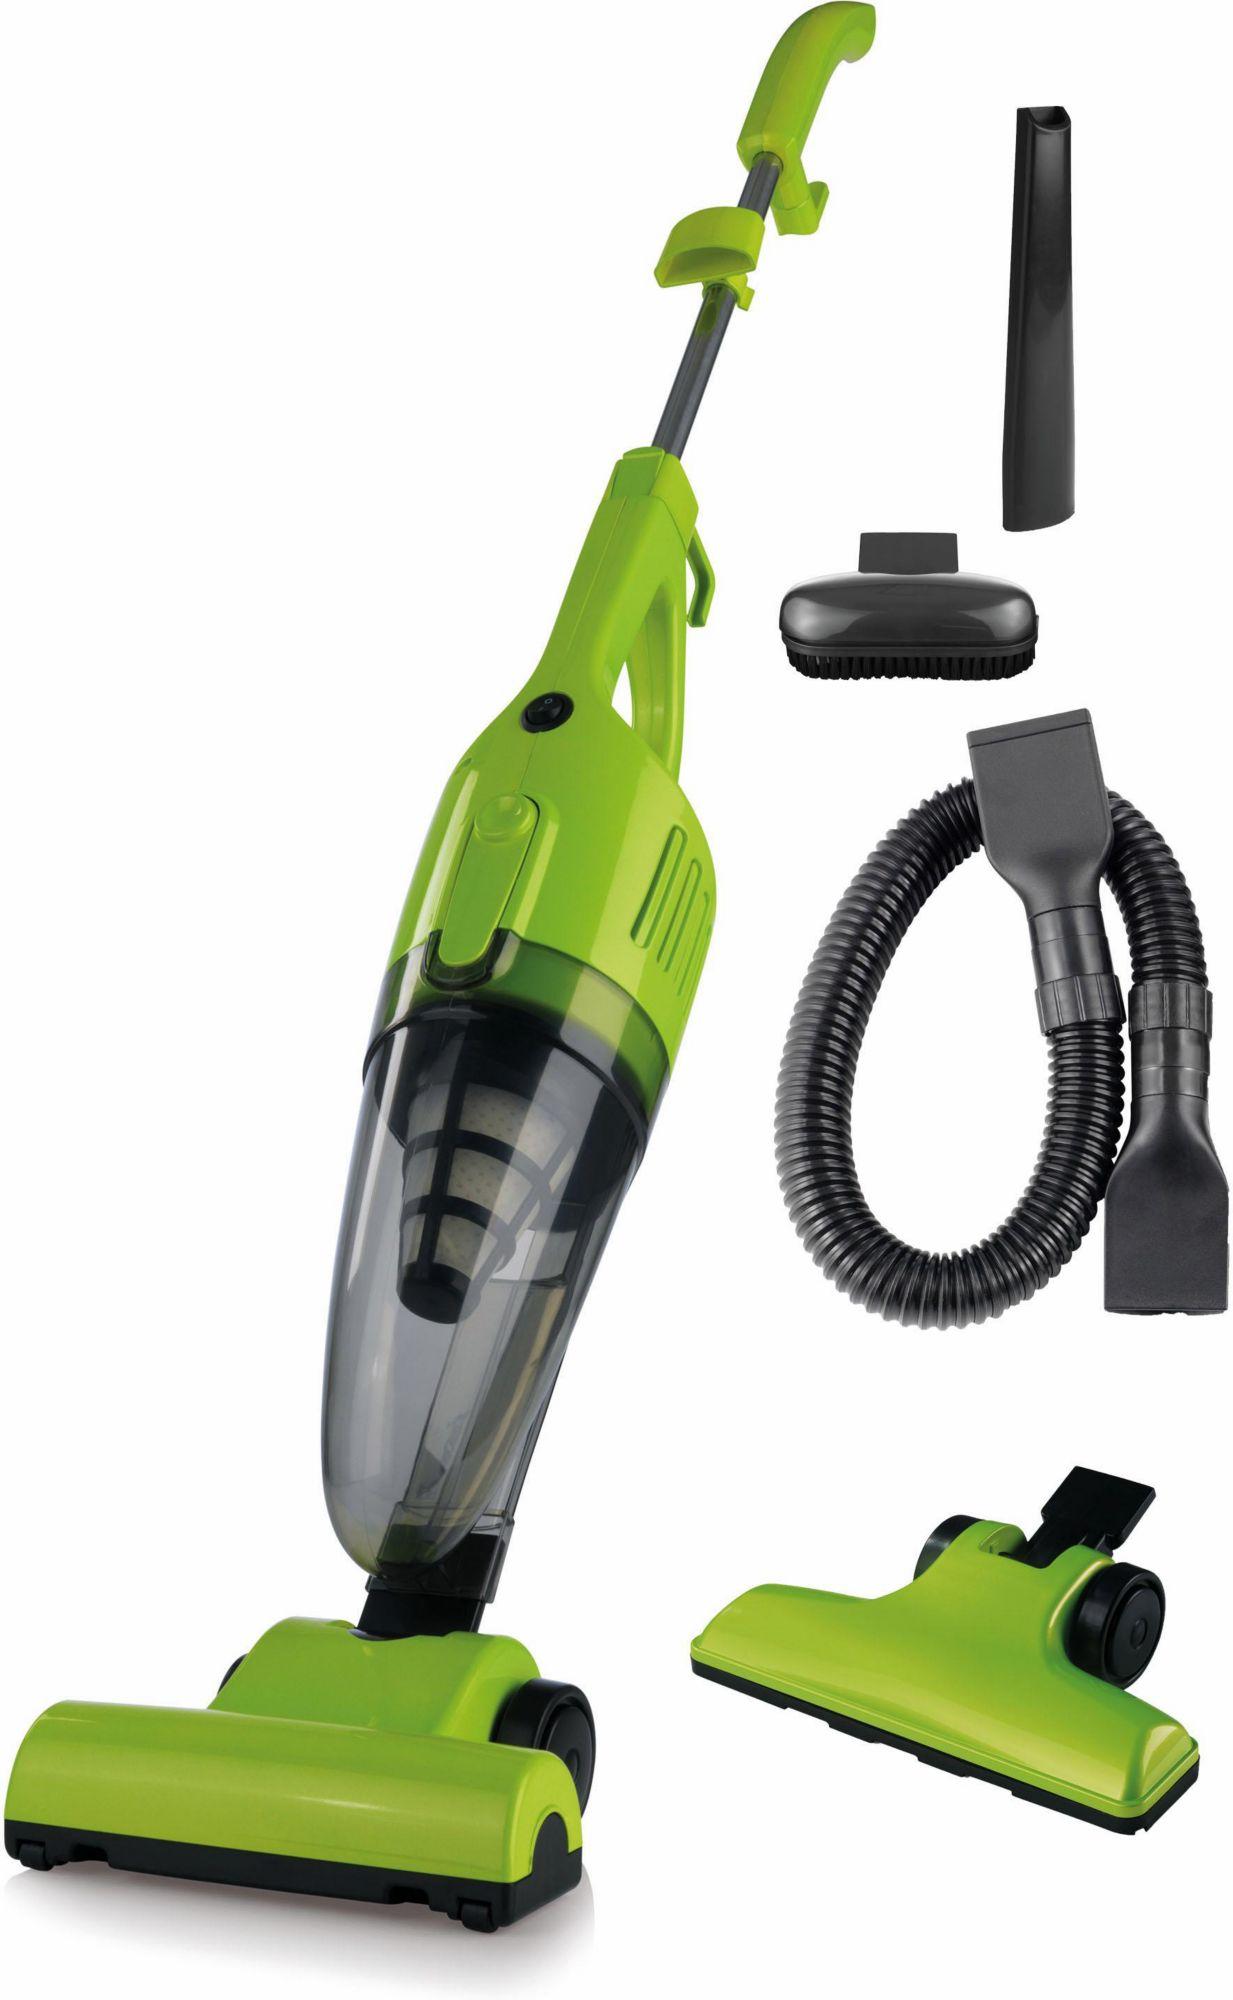 CLEAN MAXX Clean Maxx Zyklon-Staubsauger Vario 3in1, beutellos, 1000 Watt, Energieklasse C, grün